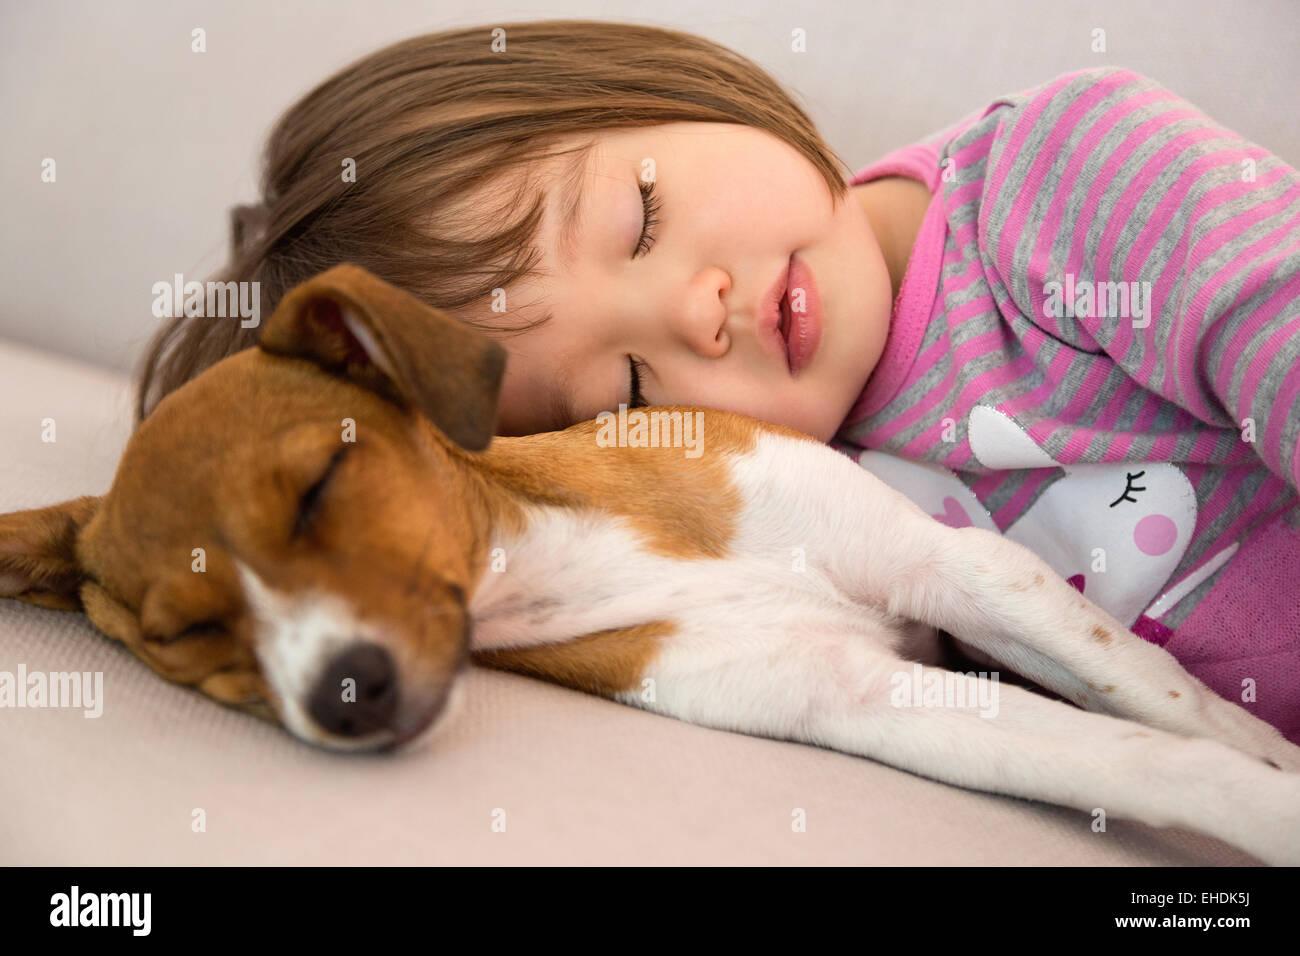 Niña Niño durmiendo junto al cachorro de raza mixta Imagen De Stock